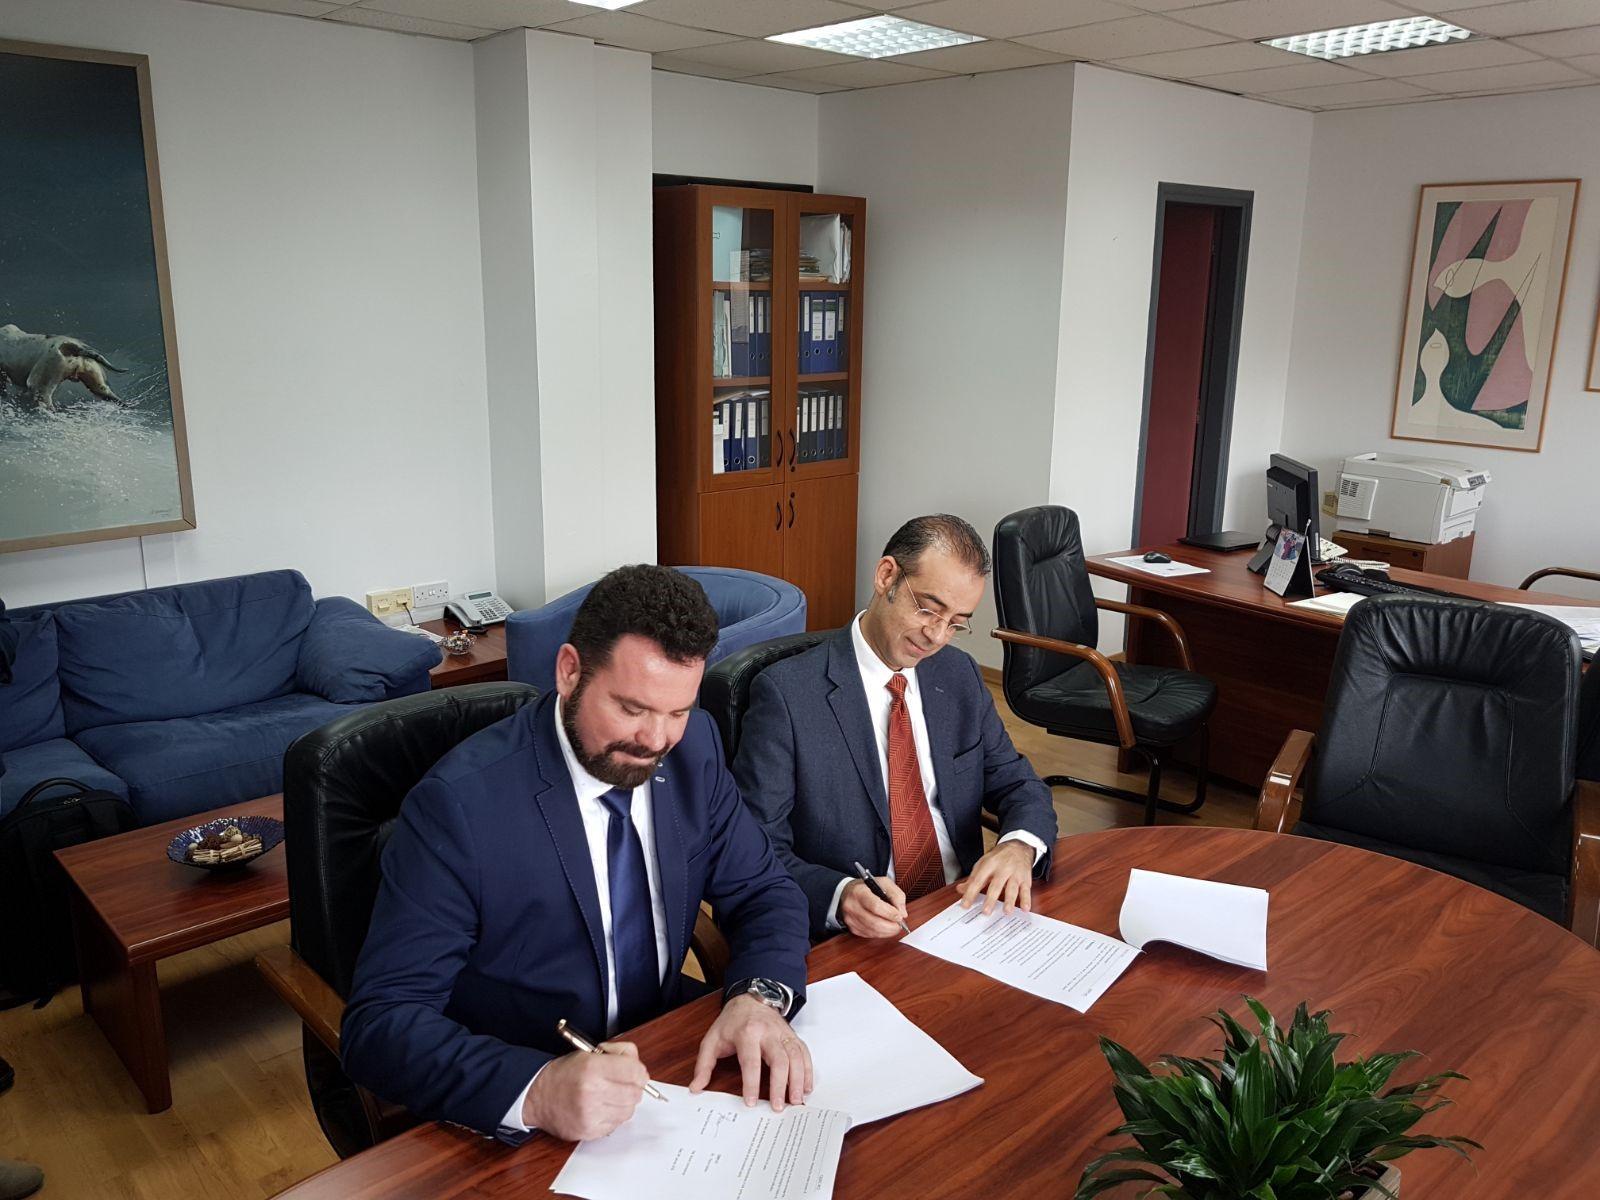 Memorandum de înțelegere între CERT-RO și echipa CSIRT națională din Cipru